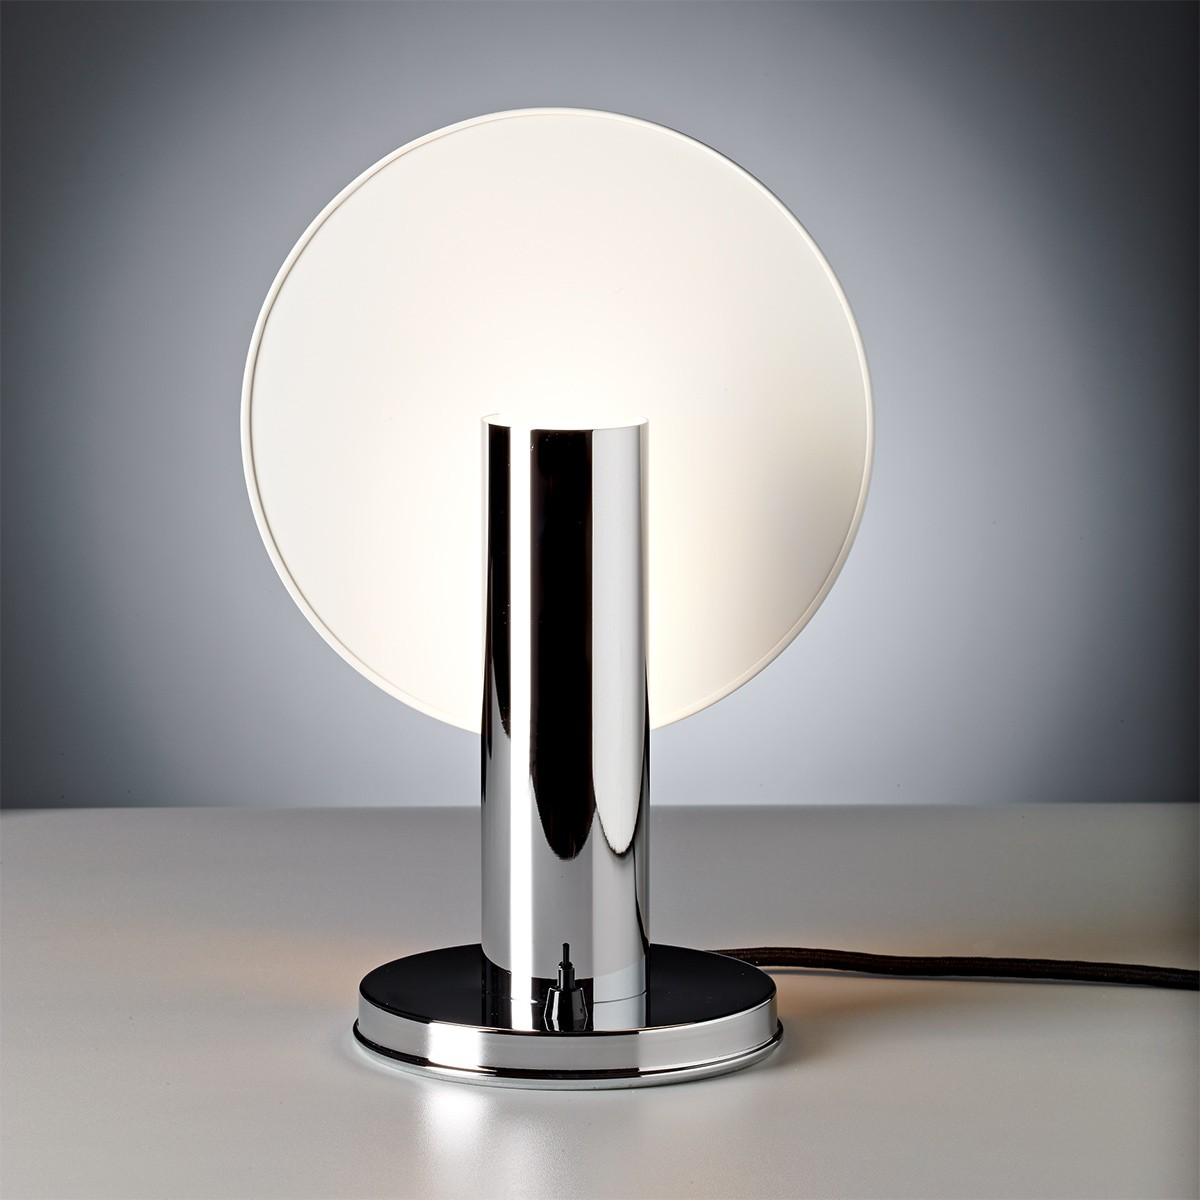 Tecnolumen Nachttischleuchte DS 36, Chrom glänzend